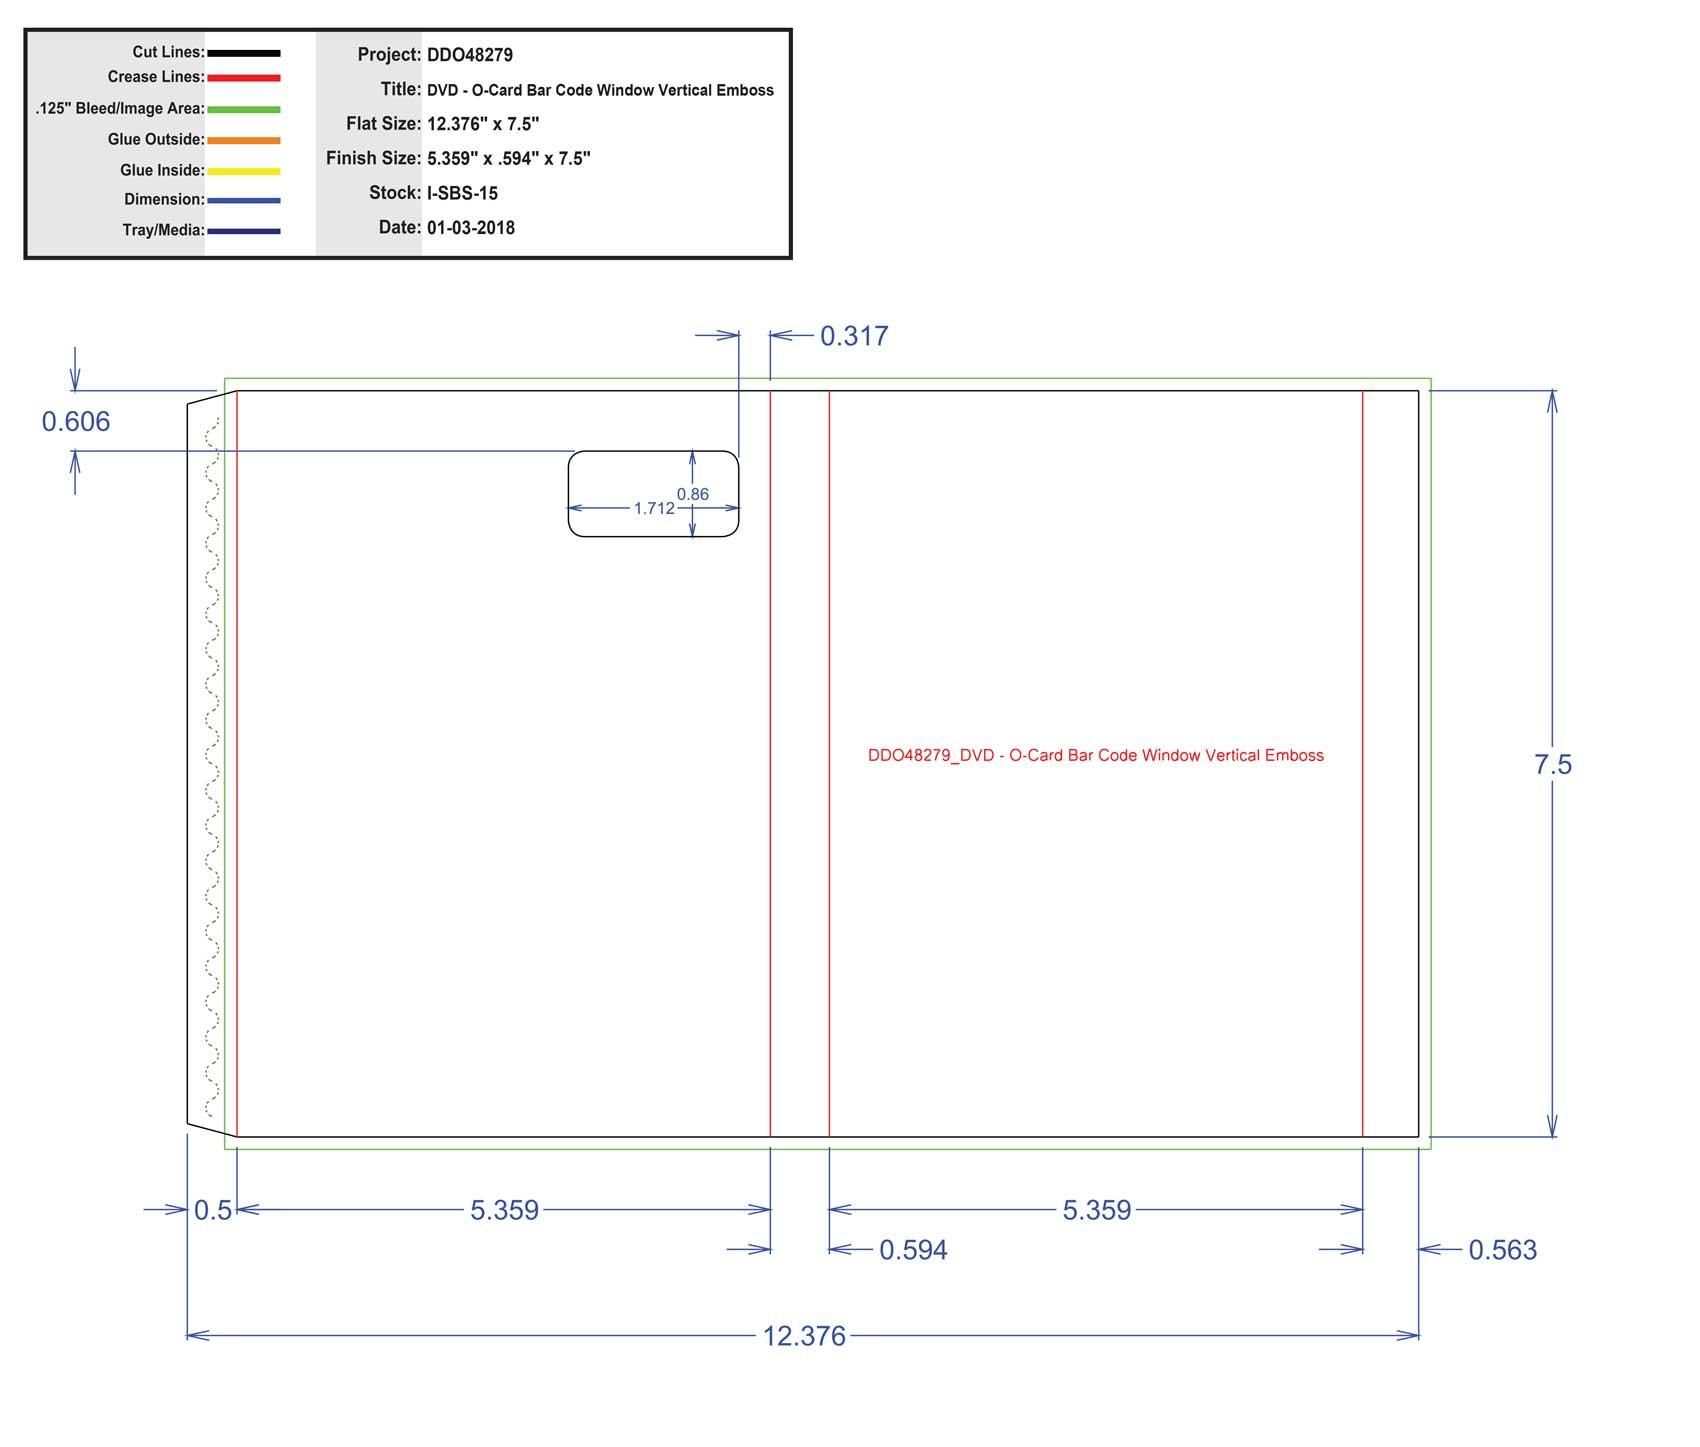 DDO48279_DVD - O-Card Bar Code Window Vertical Emboss